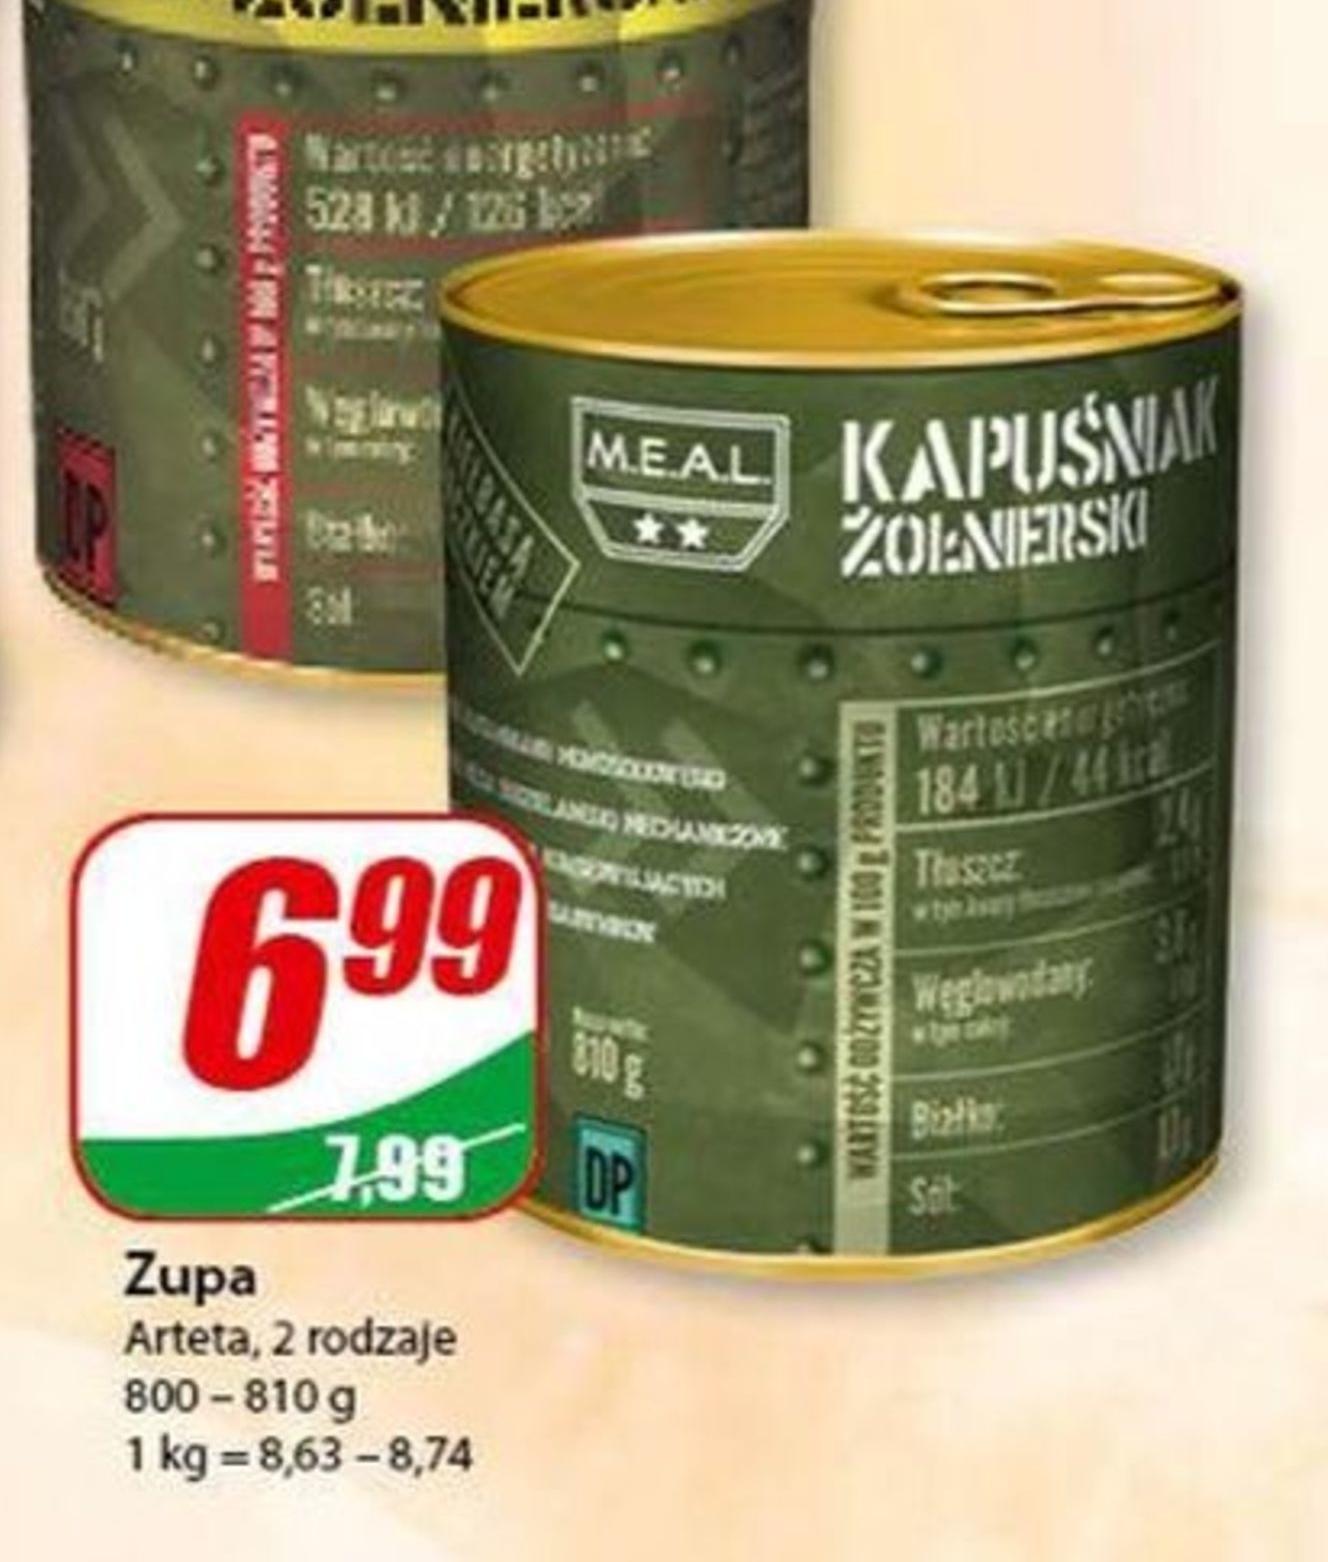 Zupa gotowa Arteta niska cena